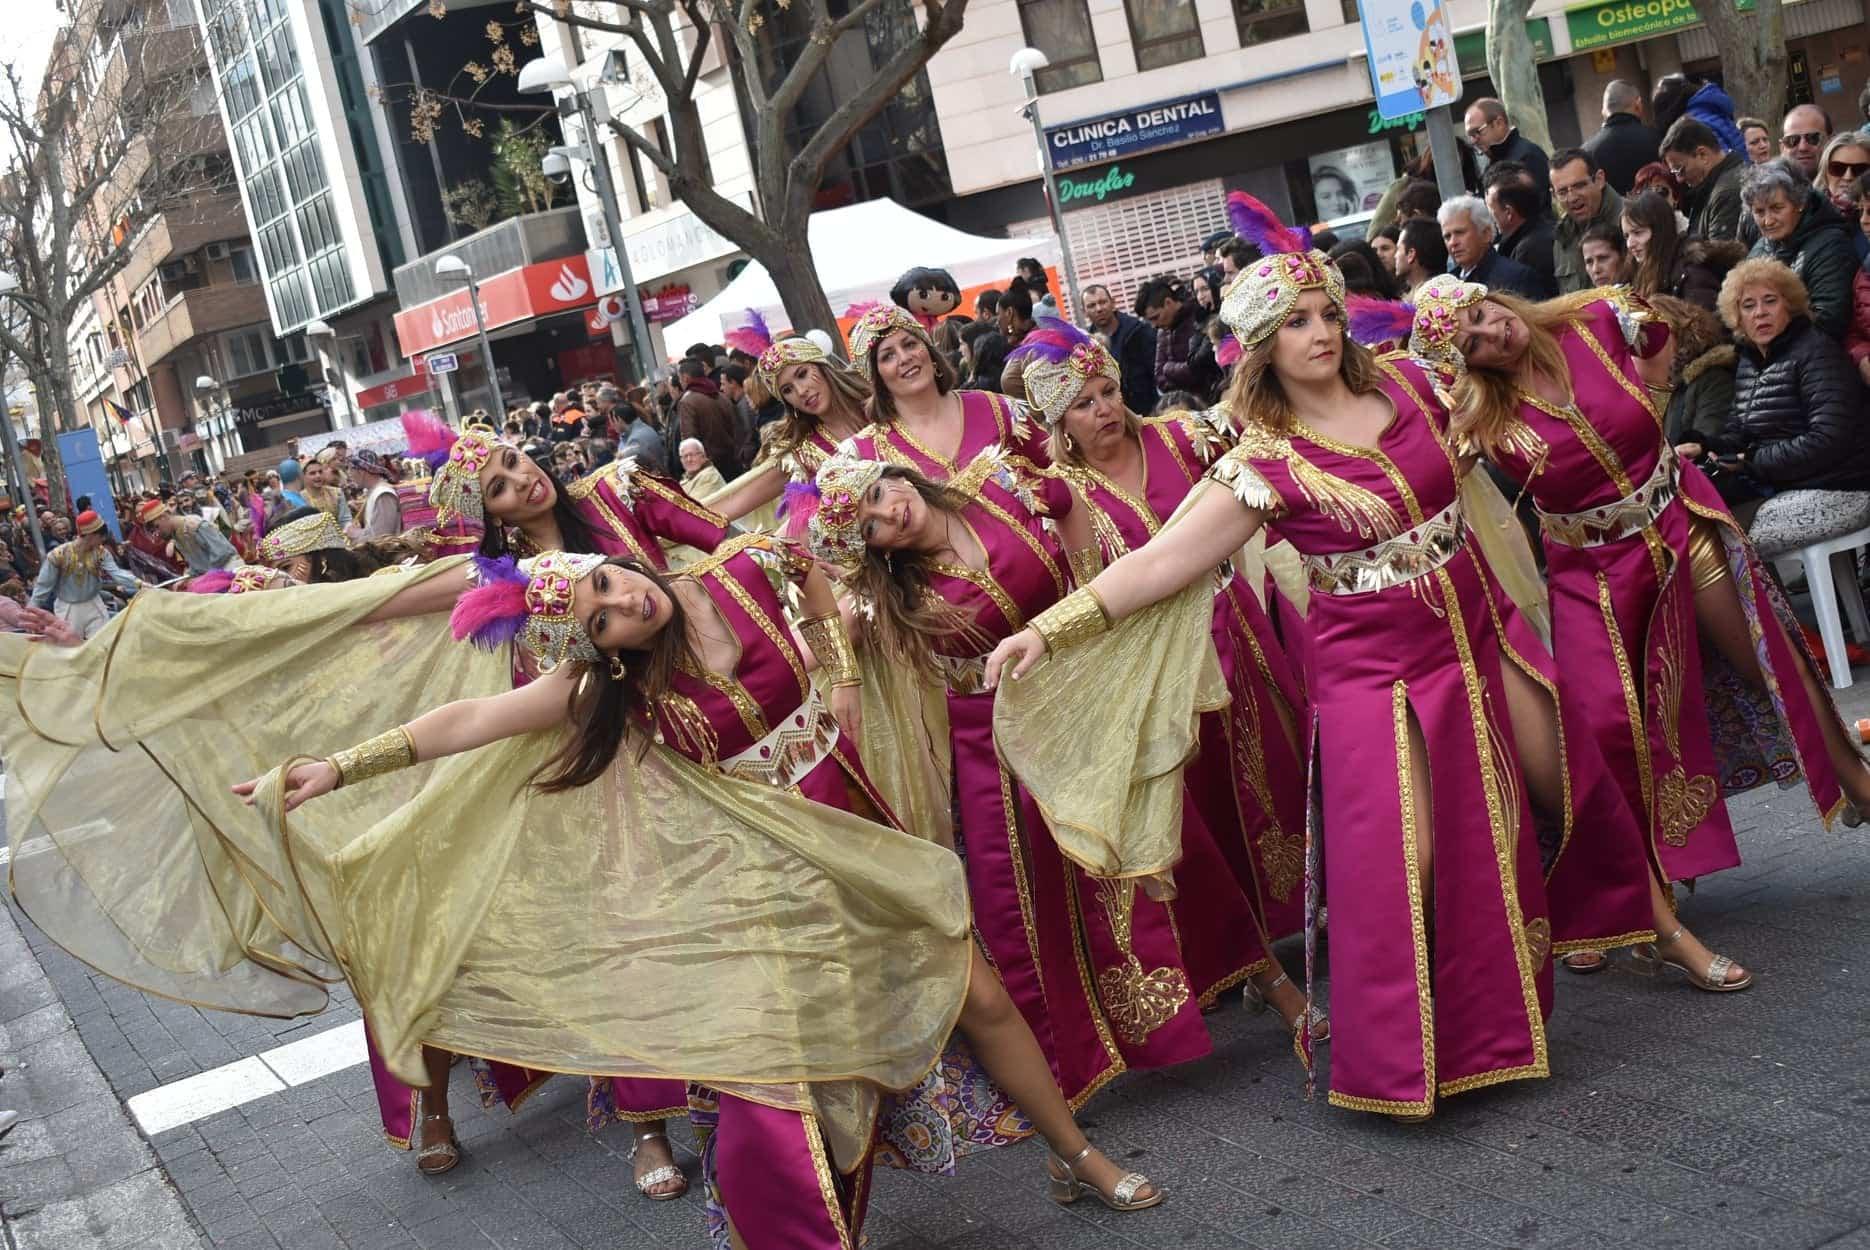 Carnaval de ciudad real 2020 axonsou arlequin oro herencia 3 - Axonsou se lleva el Arlequín de Oro en Ciudad Real